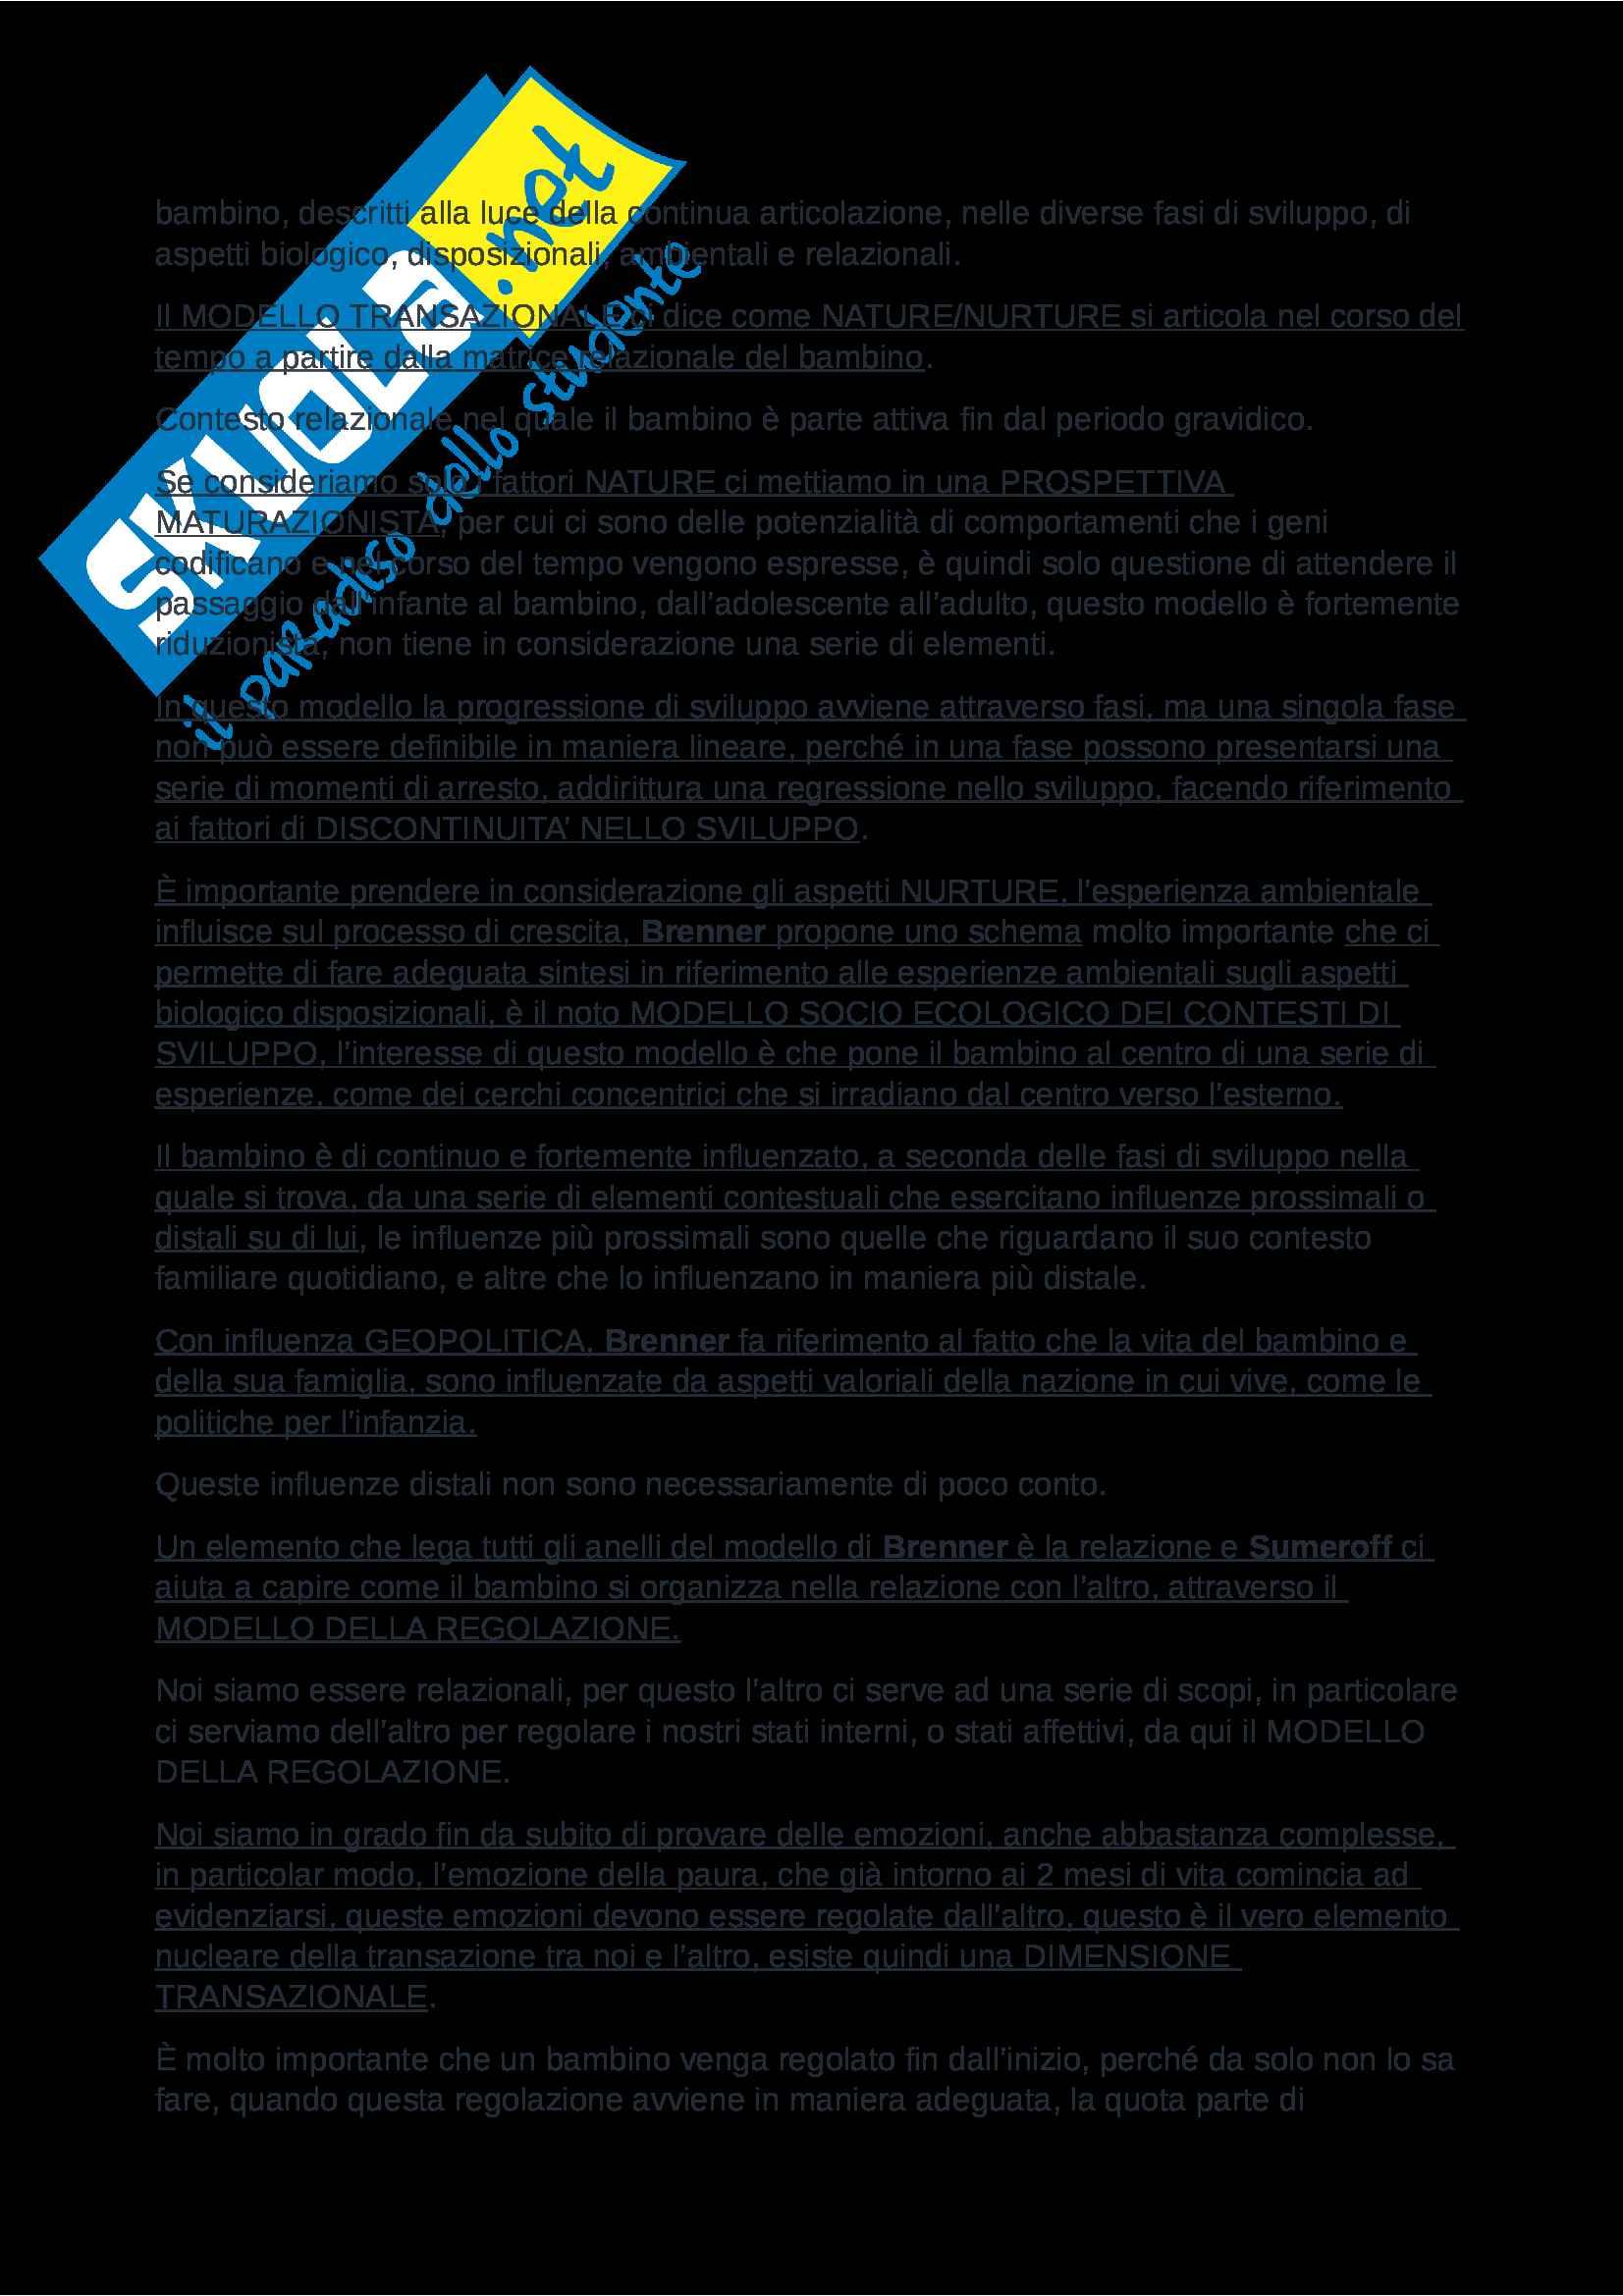 Riassunto esame Psicologia dello Sviluppo, Prof. Nicolais, libro consigliato Manuale Psicologia dello Sviluppo, Shaffer e Kipp Pag. 16